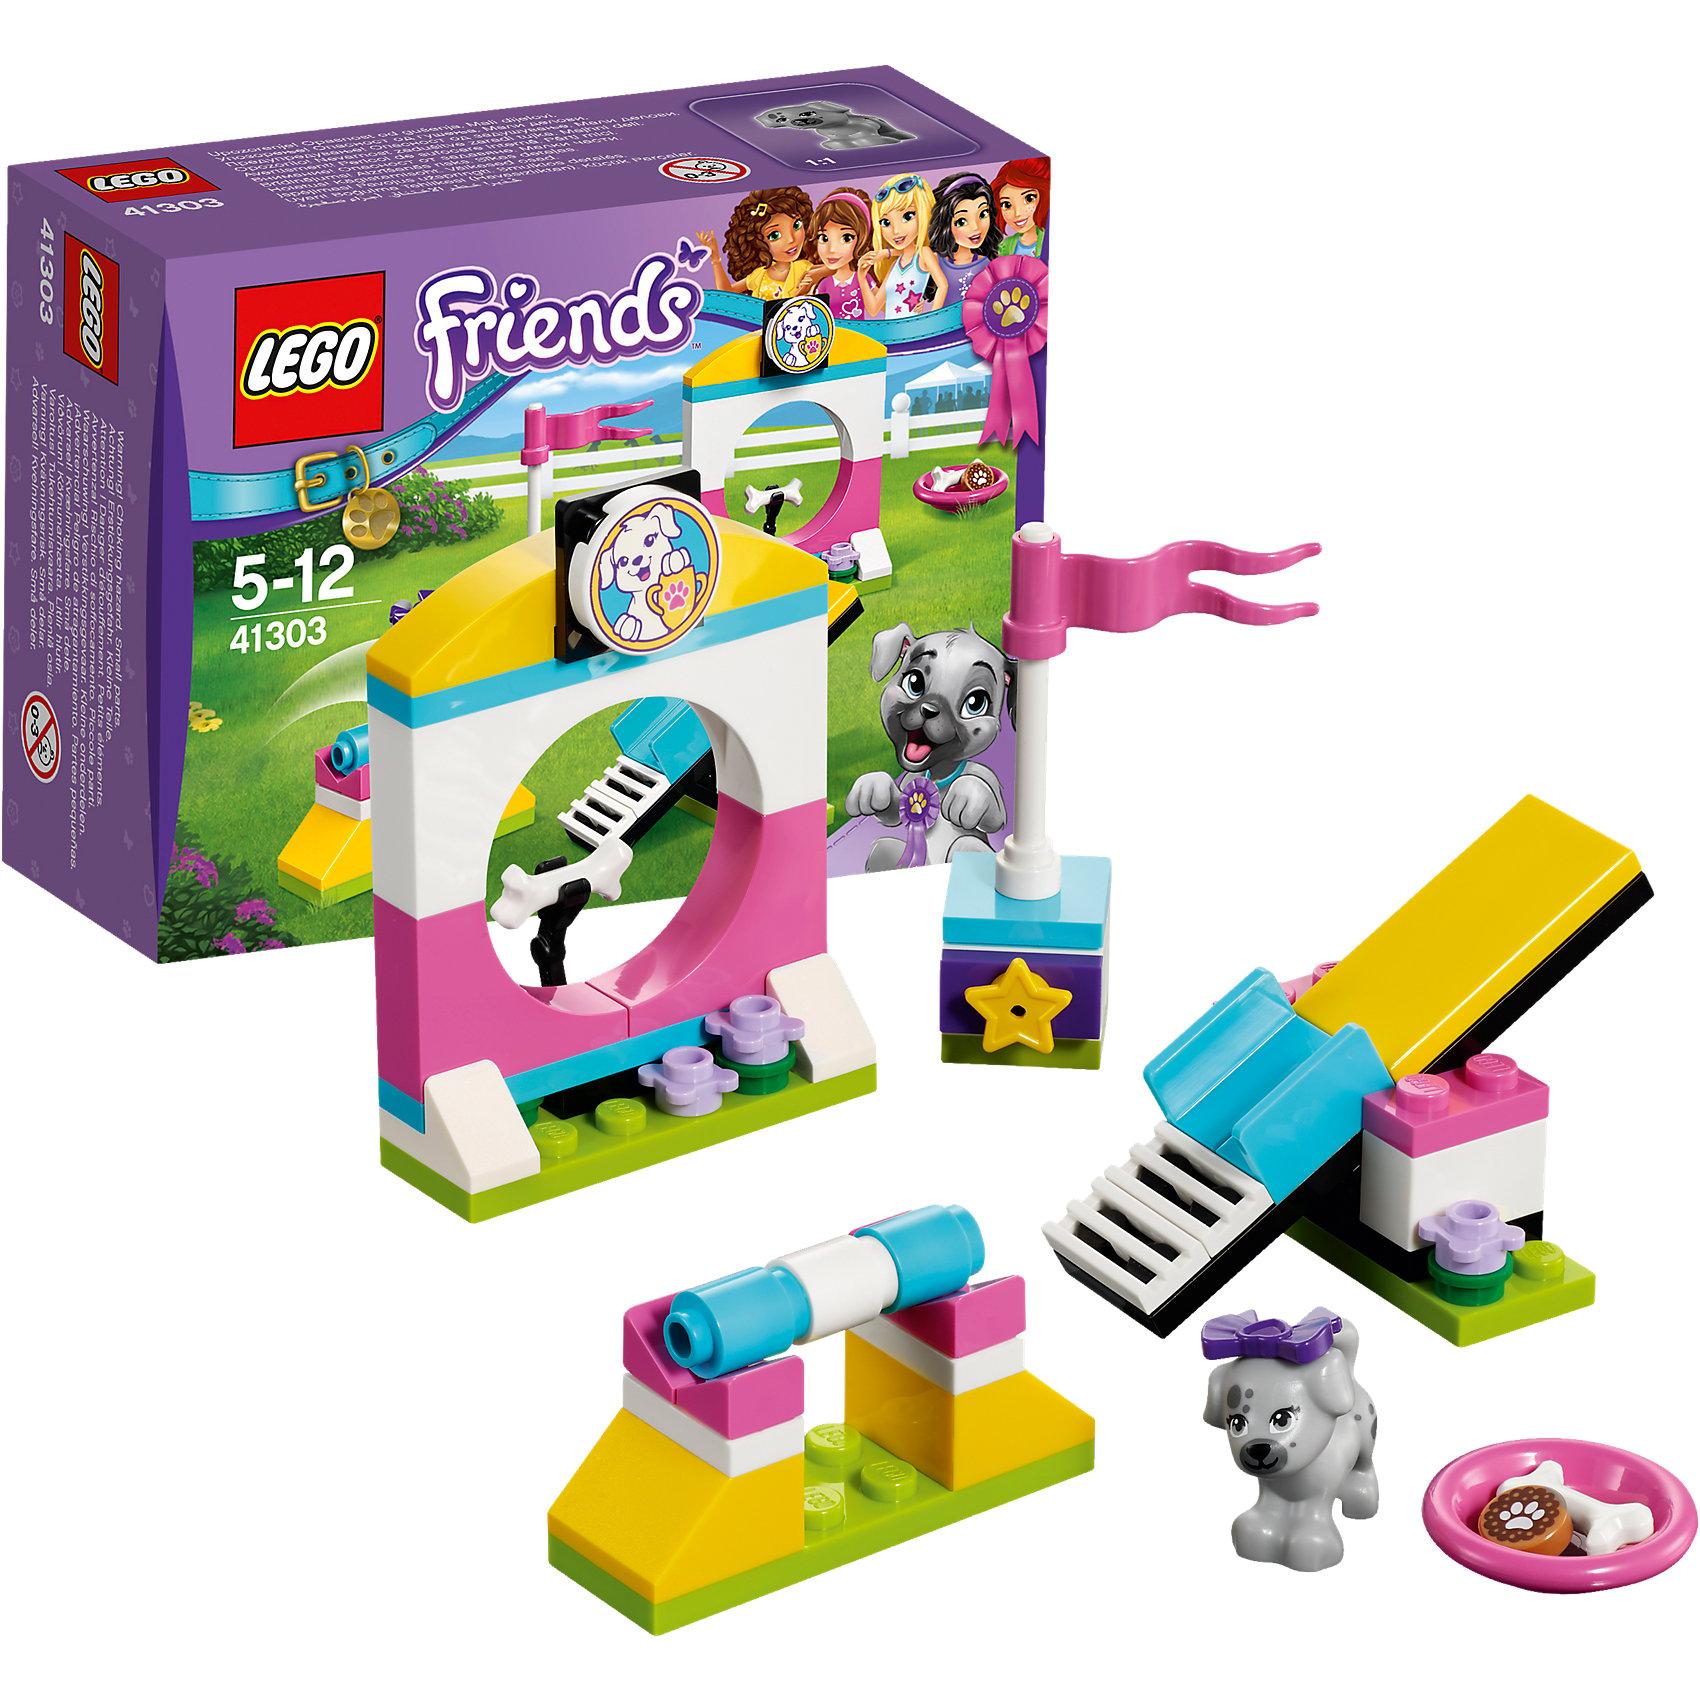 LEGO Friends 41303: Выставка щенков: Игровая площадкаПластмассовые конструкторы<br>LEGO Friends 41303: Выставка щенков: Игровая площадка<br><br>Характеристики:<br><br>- в набор входит: детали салона, щенок Скай, аксессуары, красочная инструкция<br>- состав: пластик<br>- количество деталей: 62<br>- размер качелей: 6 * 1 * 3 см.<br>- размер барьера с обручем: 6 * 2 * 4 см.<br>- для детей в возрасте: от 5 до 12 лет<br>- Страна производитель: Дания/Китай/Чехия<br><br>Легендарный конструктор LEGO (ЛЕГО) представляет серию «Friends» (Друзья) в которую входят наборы конструкторов интересных не только в строительстве, но и в игре.<br><br>Серия разработана с учетом различных повседневных ситуаций и мест. Готовь чемпионов к выставке щенков на специальной игровой площадке. Щенок Скай готов стать первым учеником! Он уже умеет проходить препятствие качели и на скорость бегать к флажку, но барьеры ему даются трудно, планка всегда падает, а барьер с обручем его пугает. Покажи ему вкусную косточку для мотивации и Скаю сразу станет интереснее делать трудные прыжки! Площадка отлично проработана и украшена яркими цветами. В набор входит миска для щенка и лакомства, чтобы будущий чемпион мог подкрепиться после непростого дня тренировок. Фигурка щенка Ская вставляется в детали лего, чтобы она не упала, а благодаря специальному отверстию, можно одевать и снимать красивый бантик. <br><br>Играя с конструктором ребенок развивает моторику рук, воображение и логическое мышление, научится собирать по инструкции и создавать свои модели. Придумывайте новые истории любимых героев с набором LEGO «Friends»!<br><br>Конструктор LEGO Friends 41303: Выставка щенков: Игровая площадка можно купить в нашем интернет-магазине.<br><br>Ширина мм: 126<br>Глубина мм: 93<br>Высота мм: 48<br>Вес г: 66<br>Возраст от месяцев: 60<br>Возраст до месяцев: 144<br>Пол: Женский<br>Возраст: Детский<br>SKU: 5002490